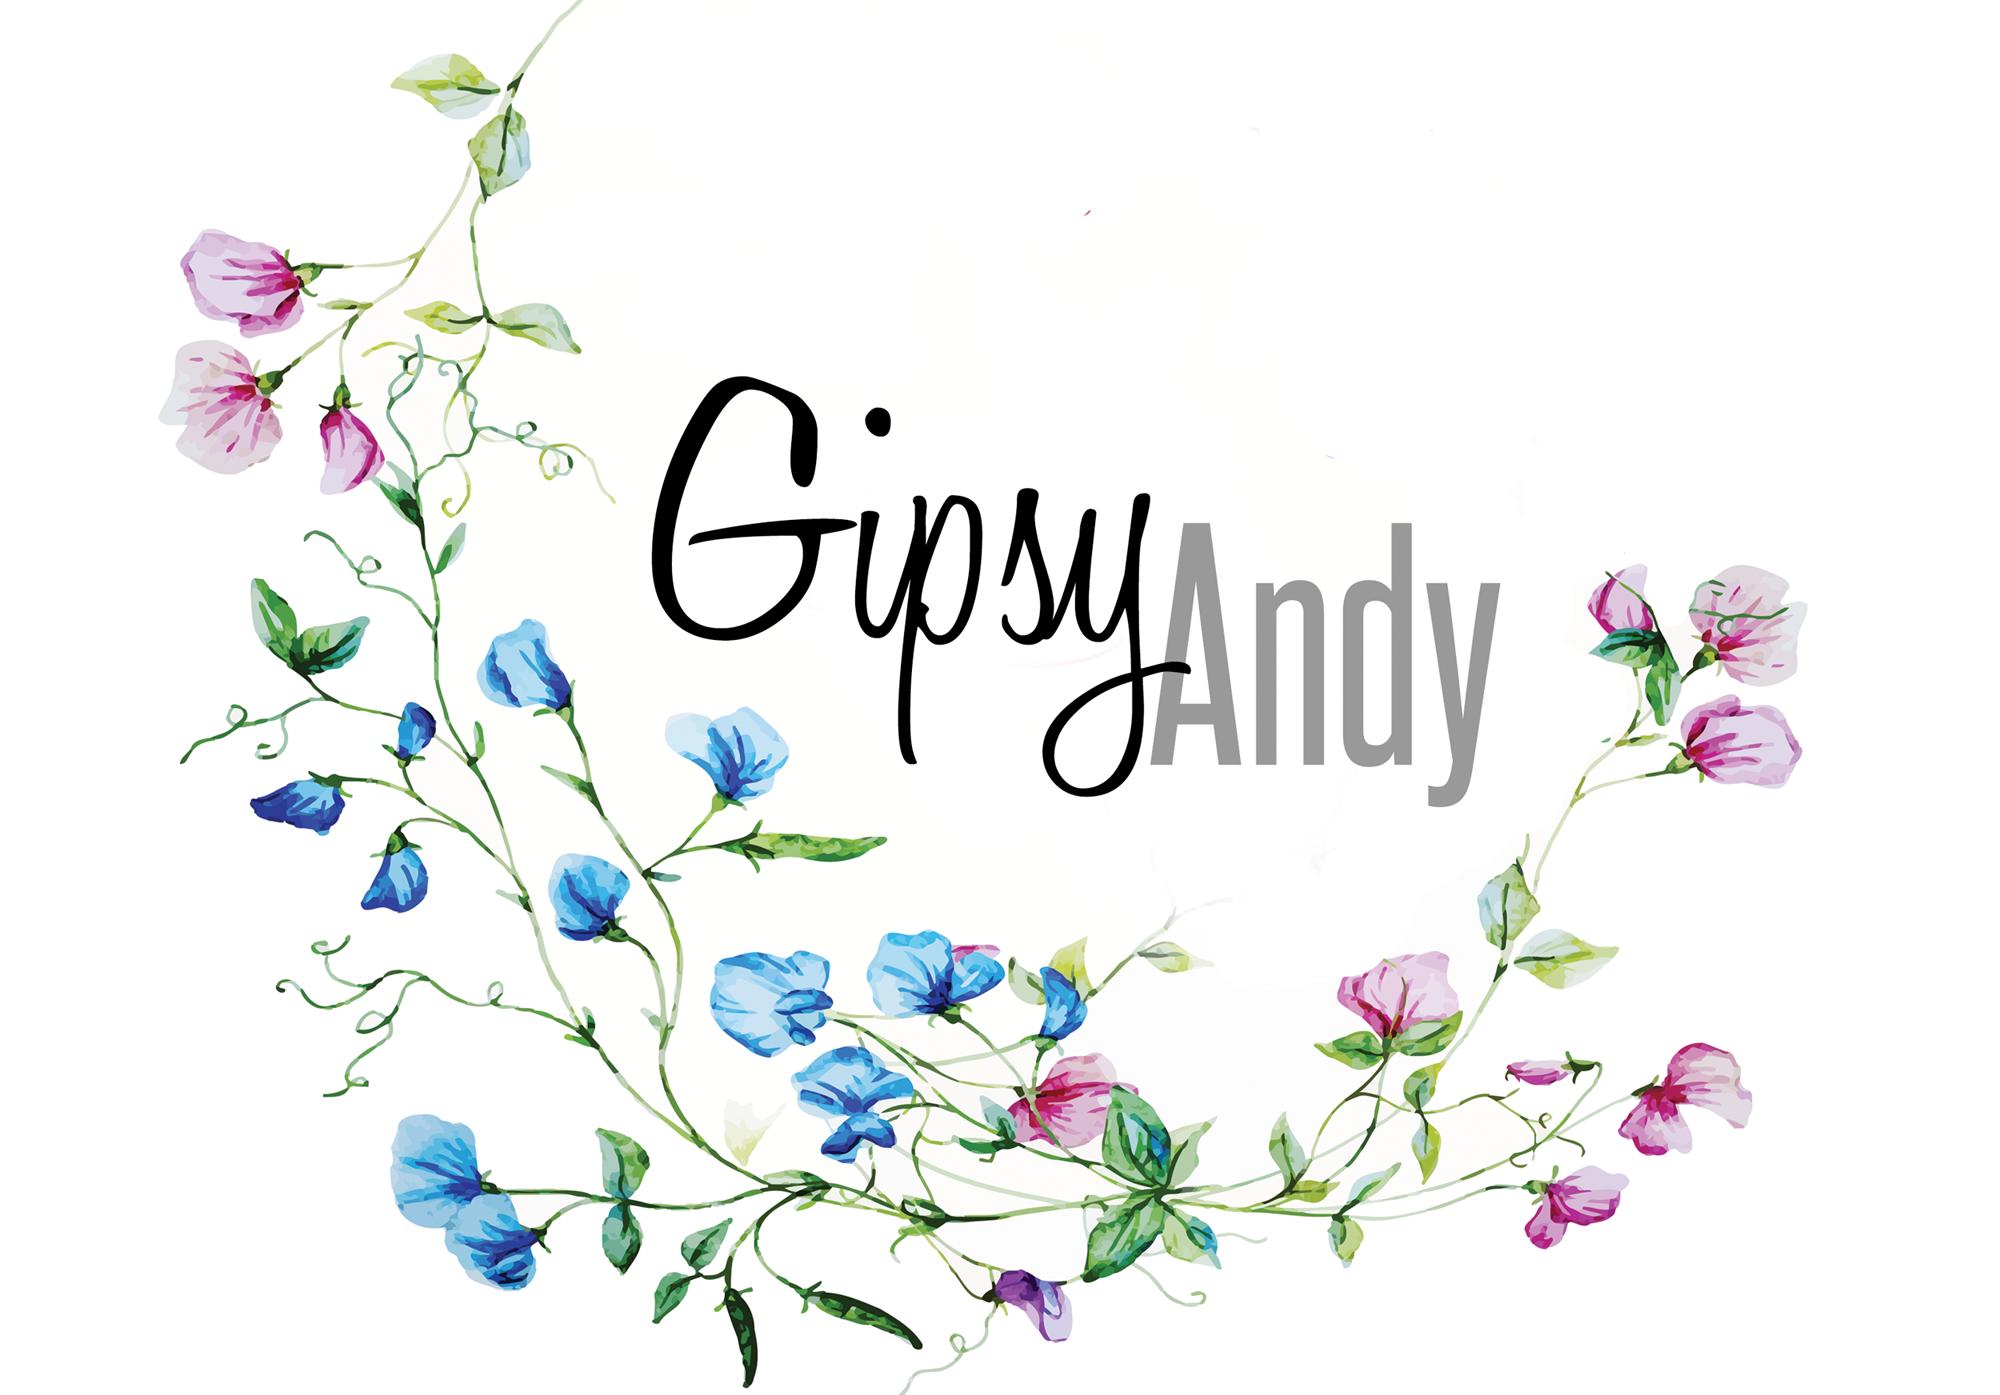 gipsyandy.com